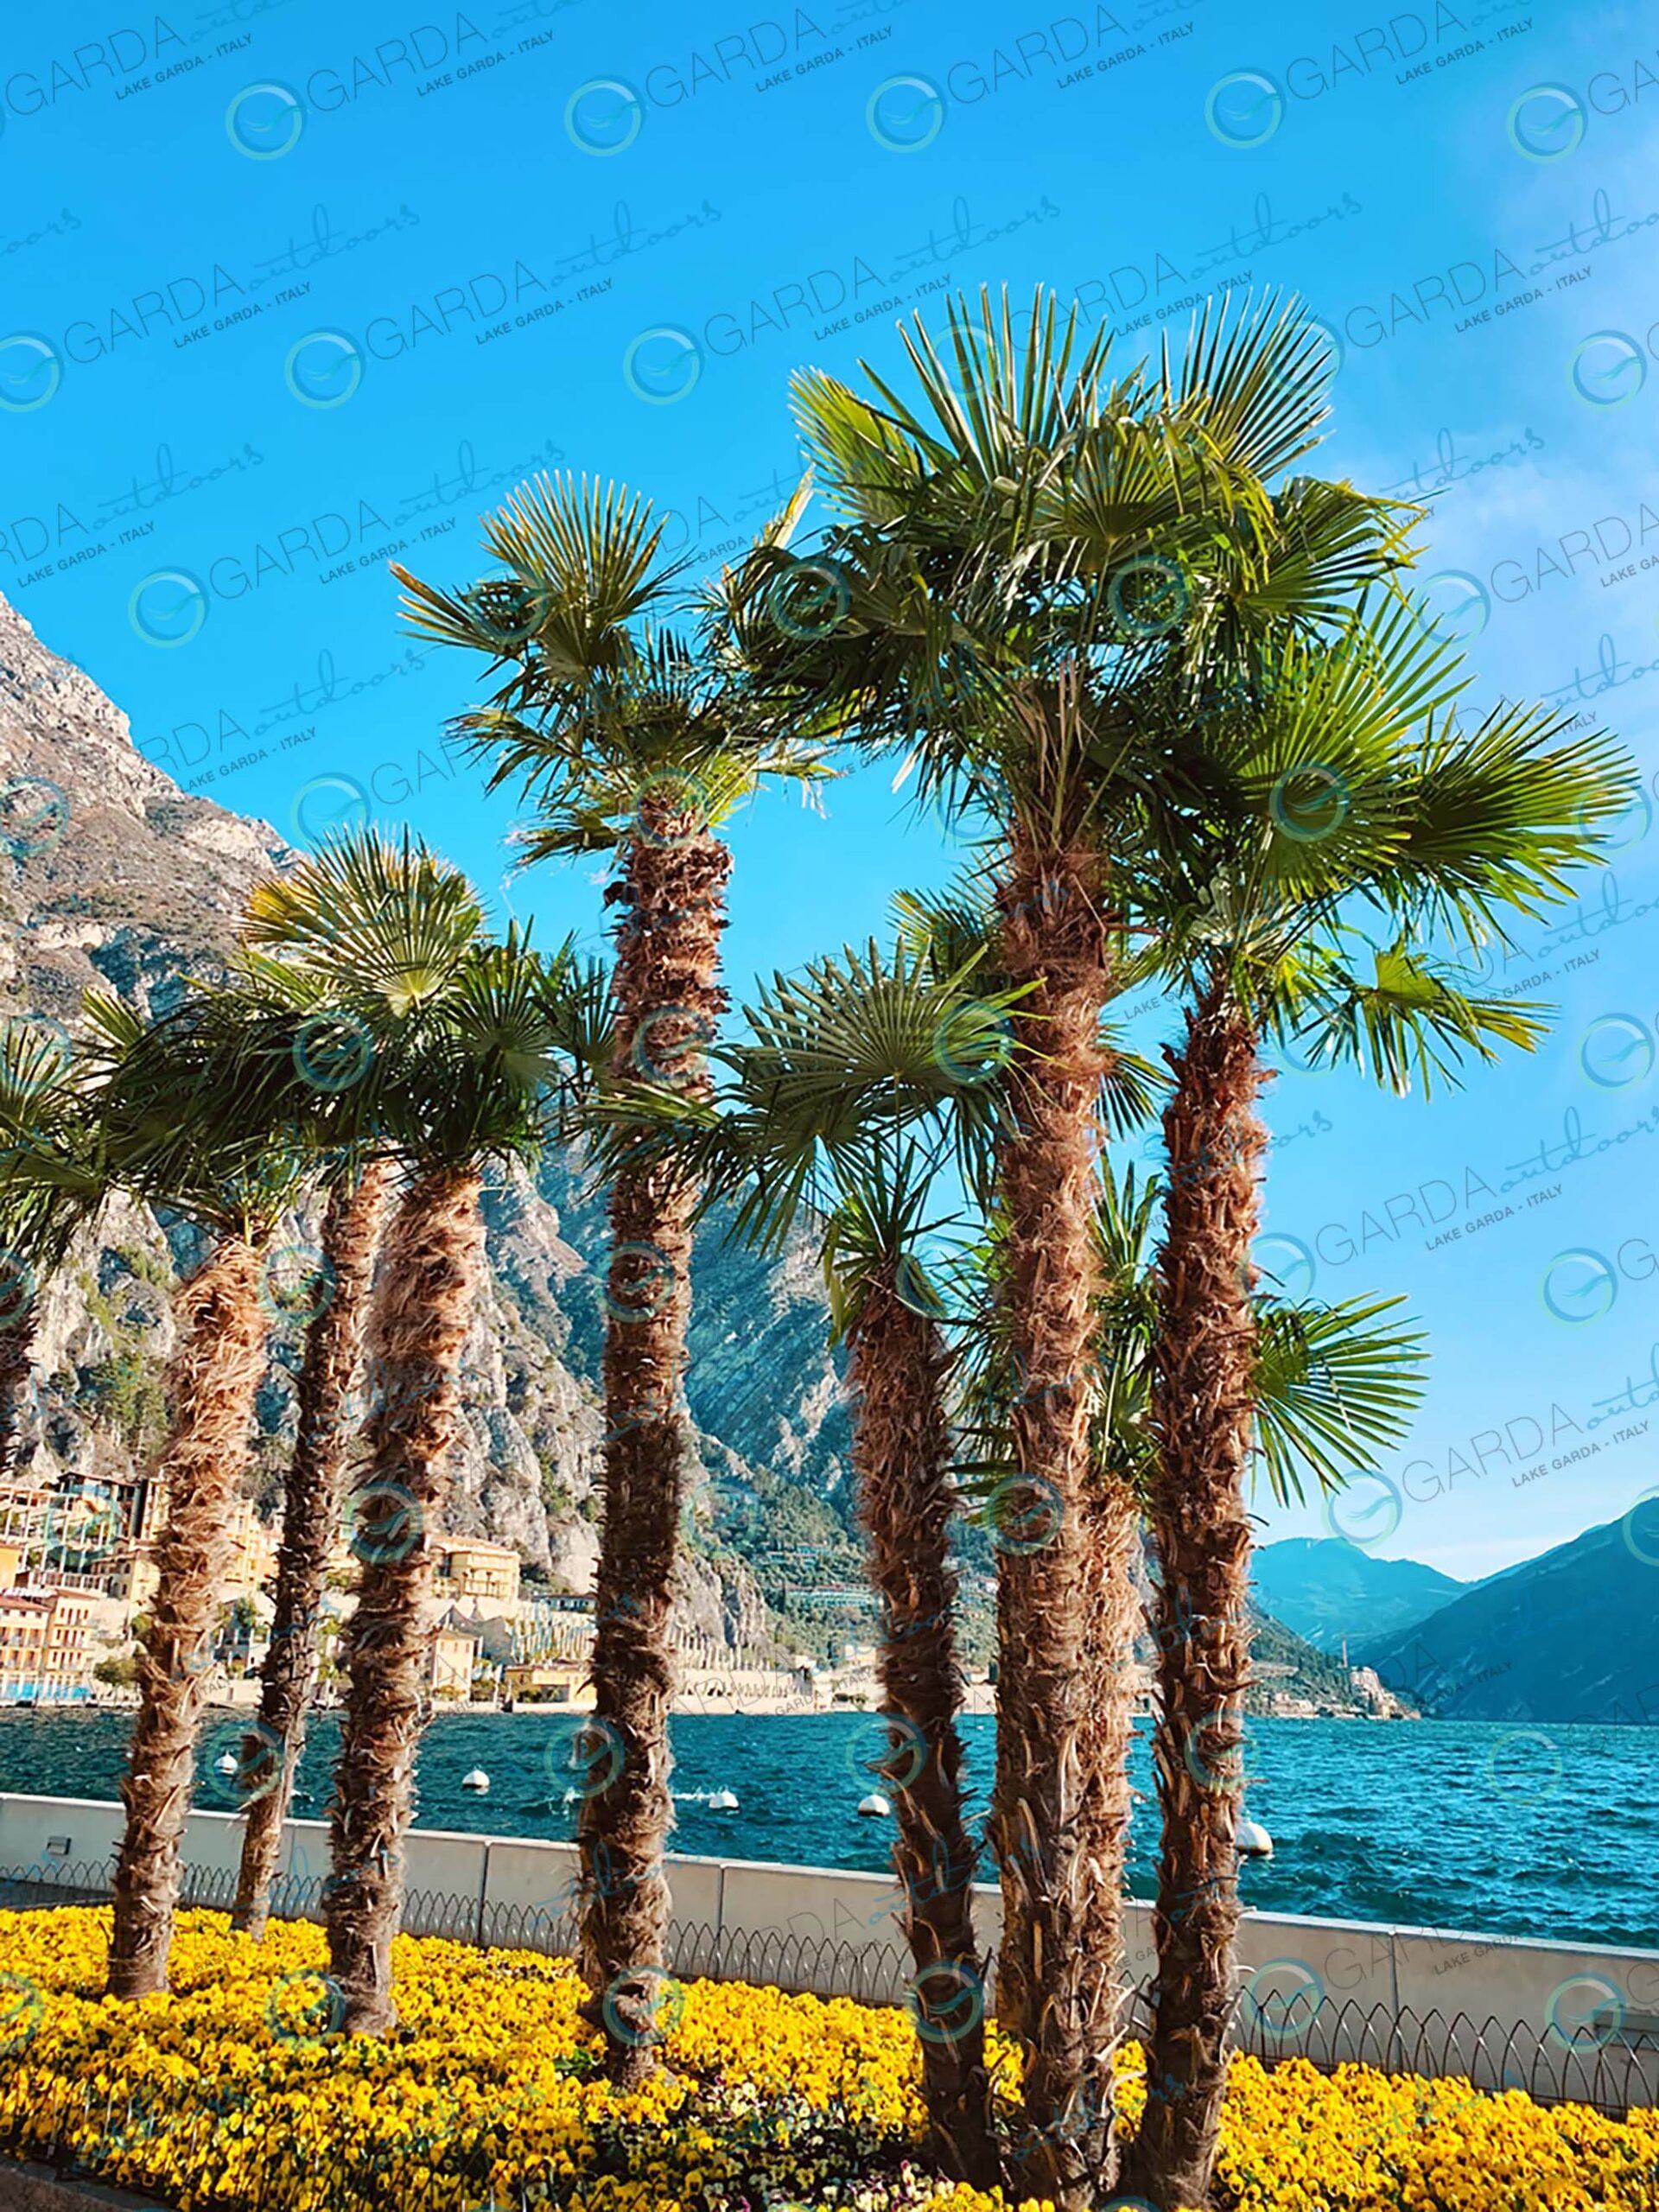 Limone sul Garda - palms